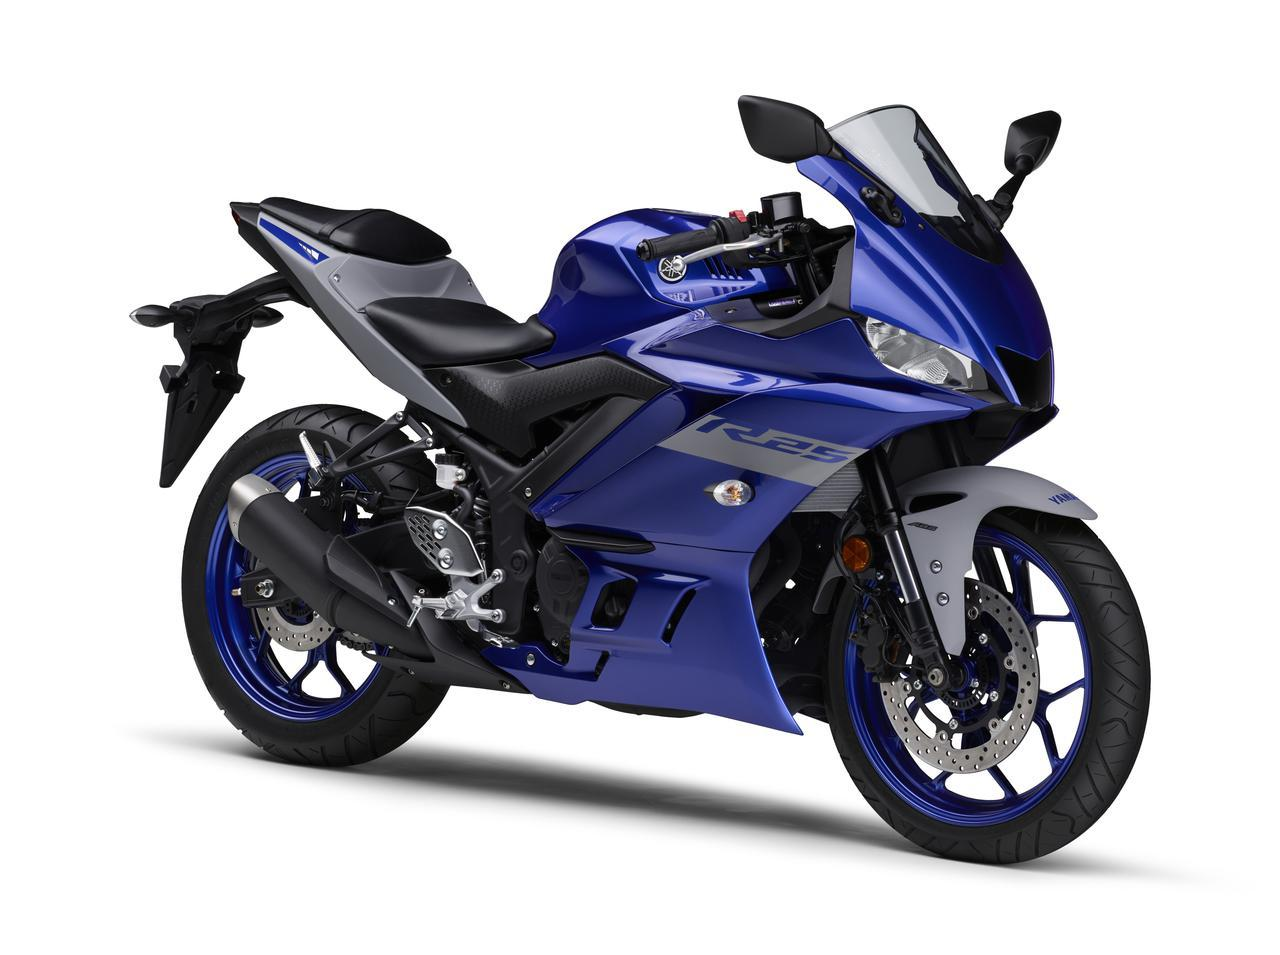 画像13: ヤマハ「YZF-R25/ABS」「YZF-R3 ABS」の2020年モデルが2月14日(金)発売! 3色展開で、すべてニューカラー!